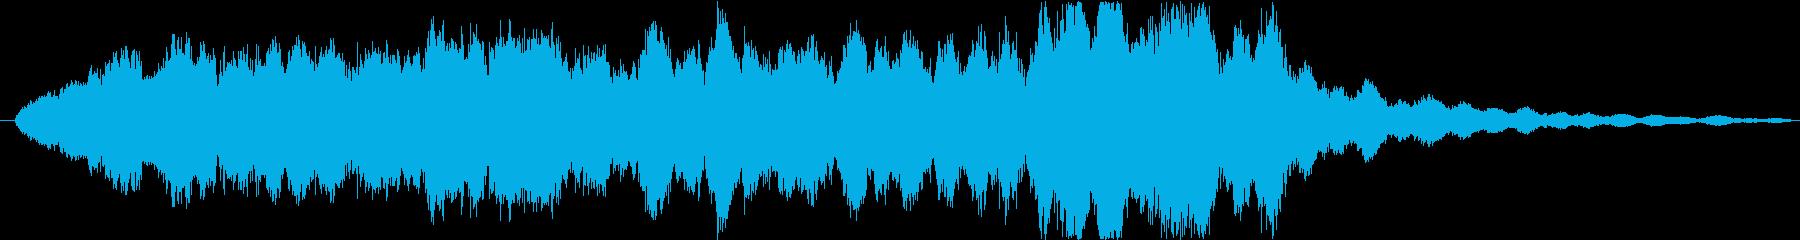 ホラーシーンの演出音_何かが出てくる音の再生済みの波形